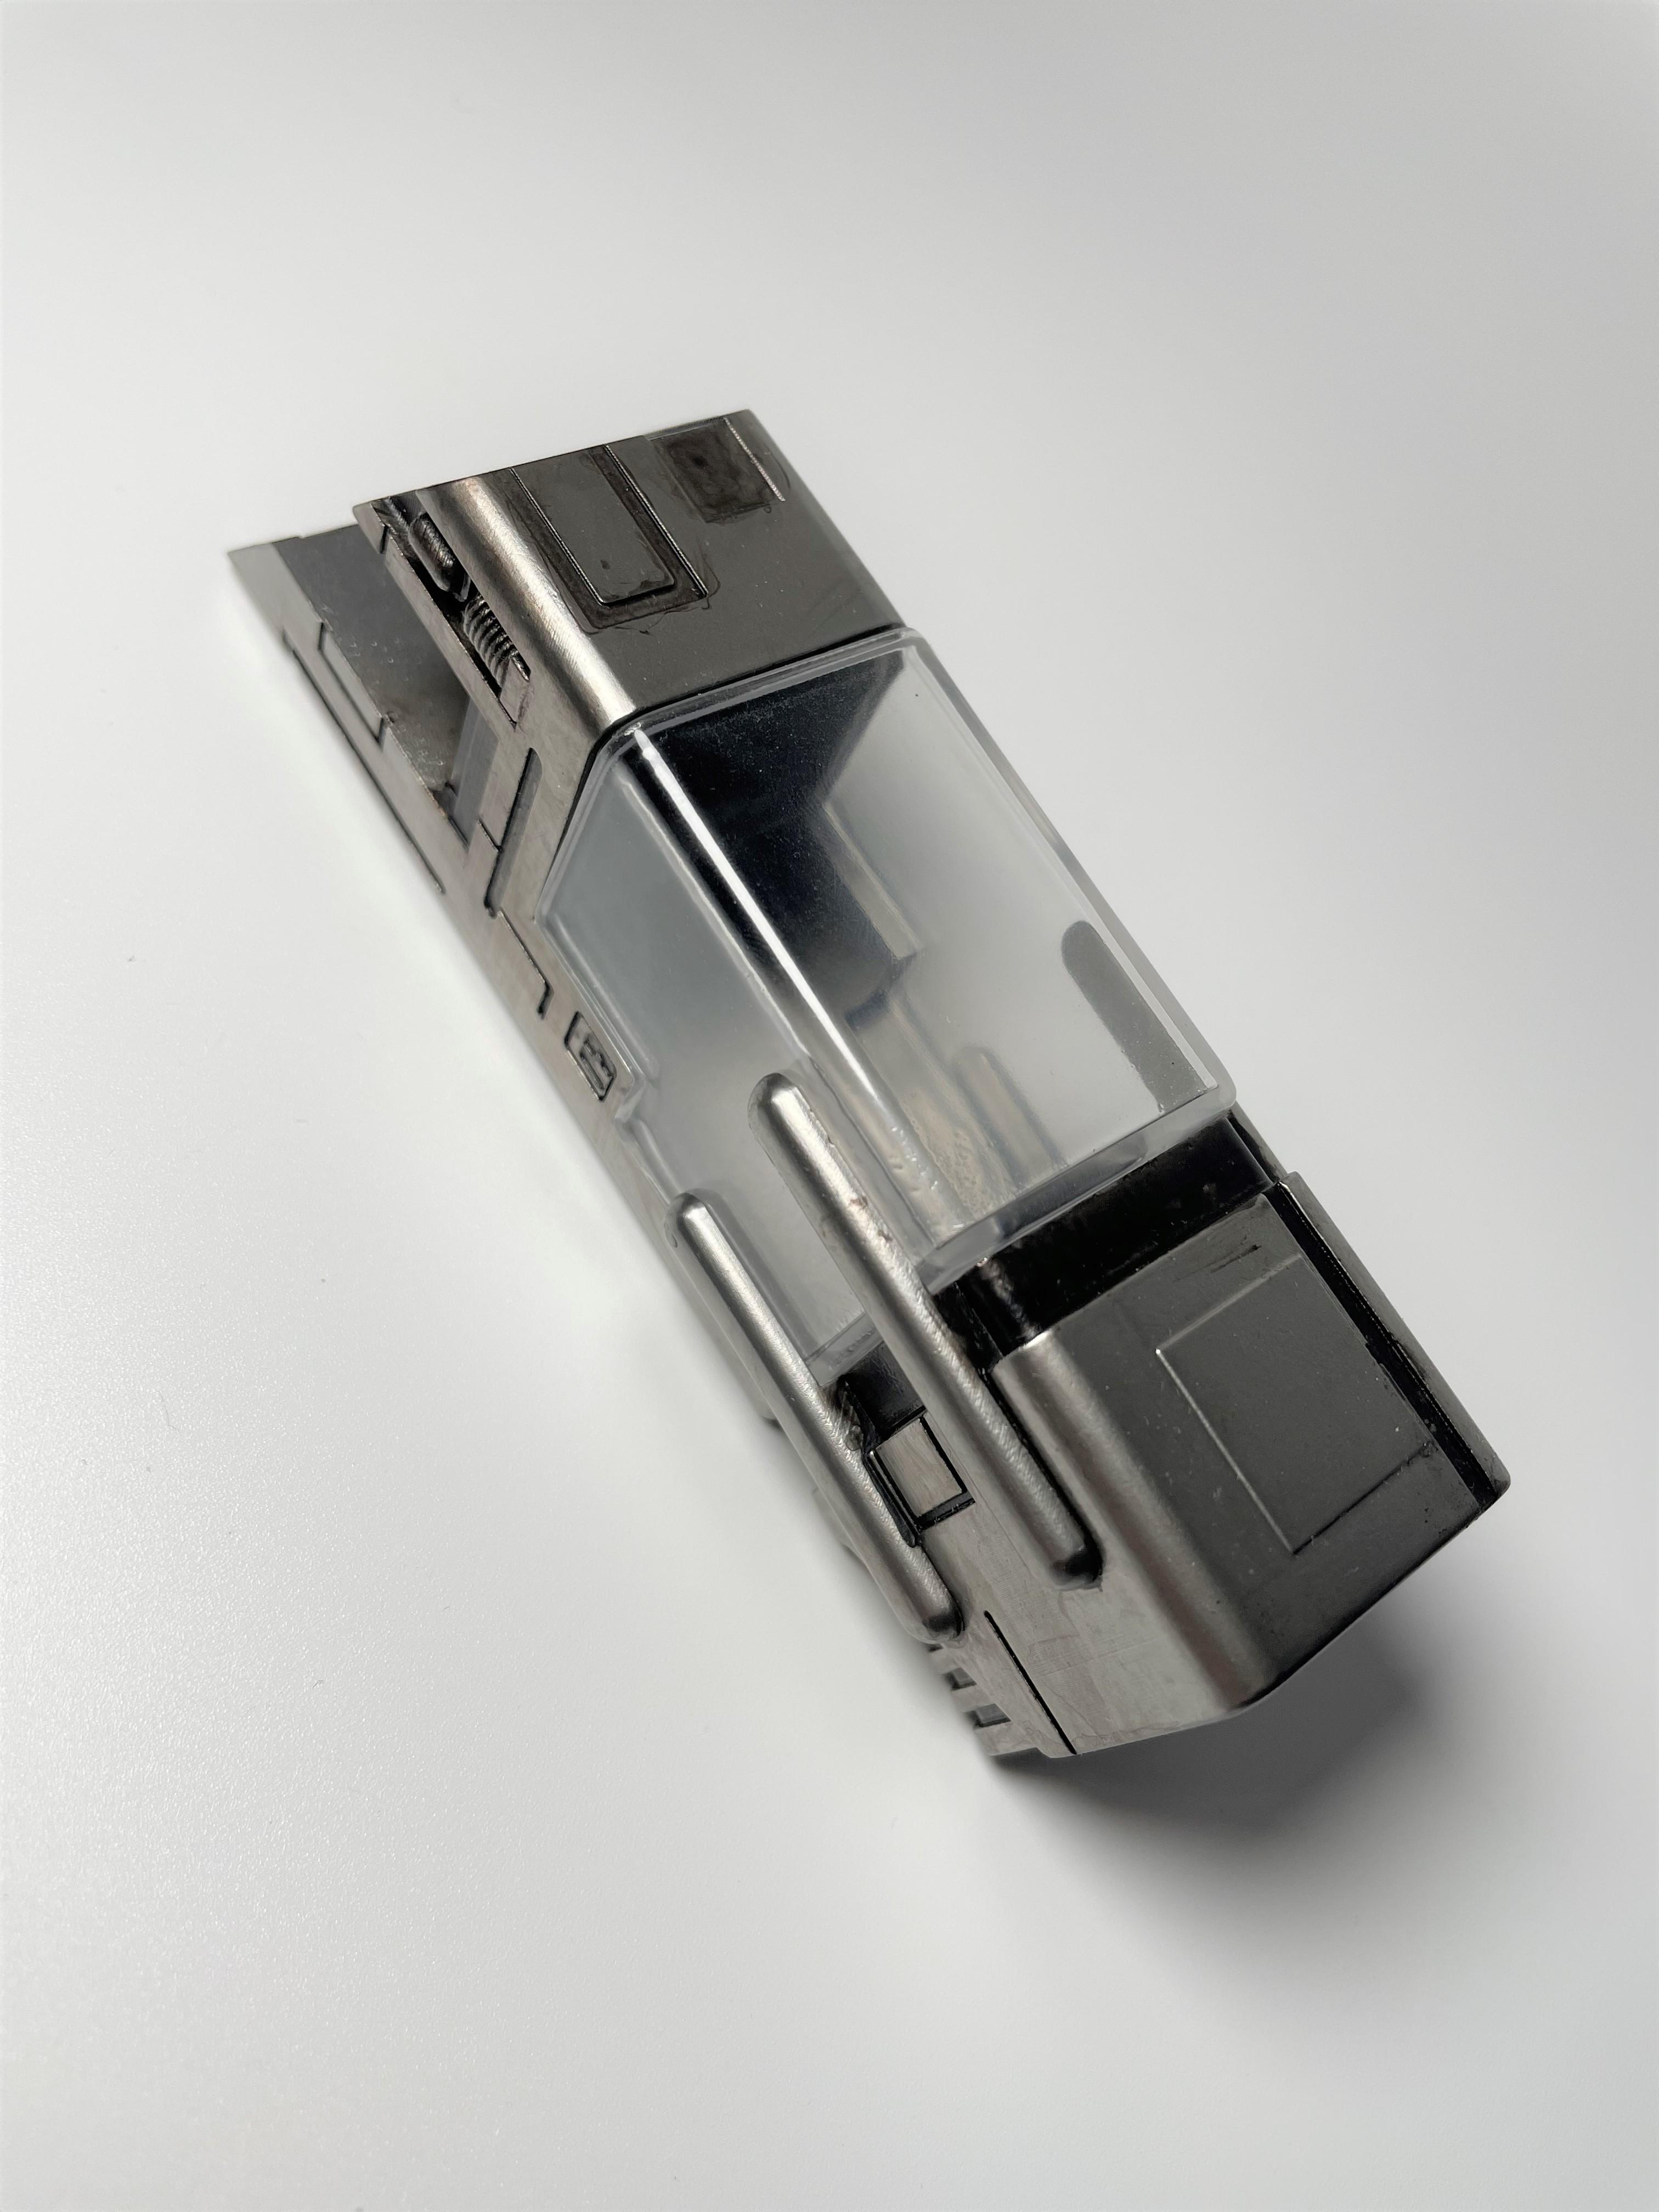 T-800 fuel cell (6).JPG